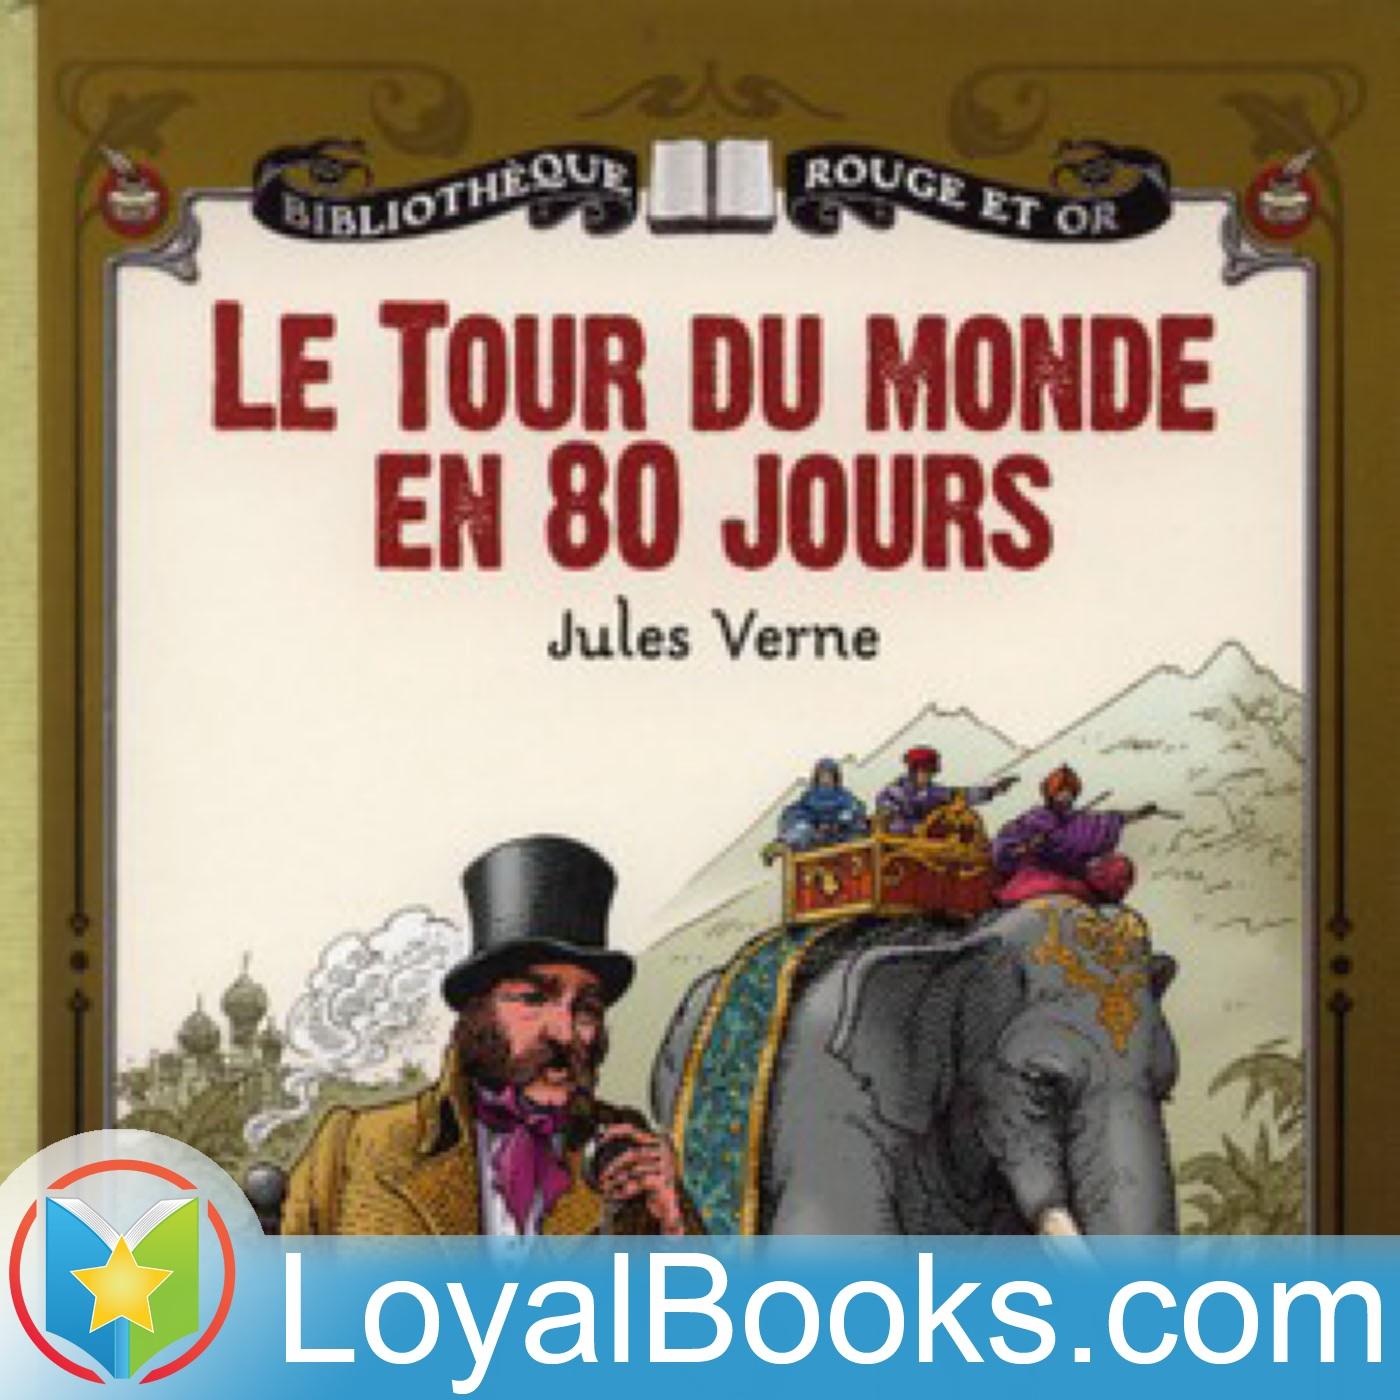 <![CDATA[Le tour du monde en quatre-vingts jours by Jules Verne]]>